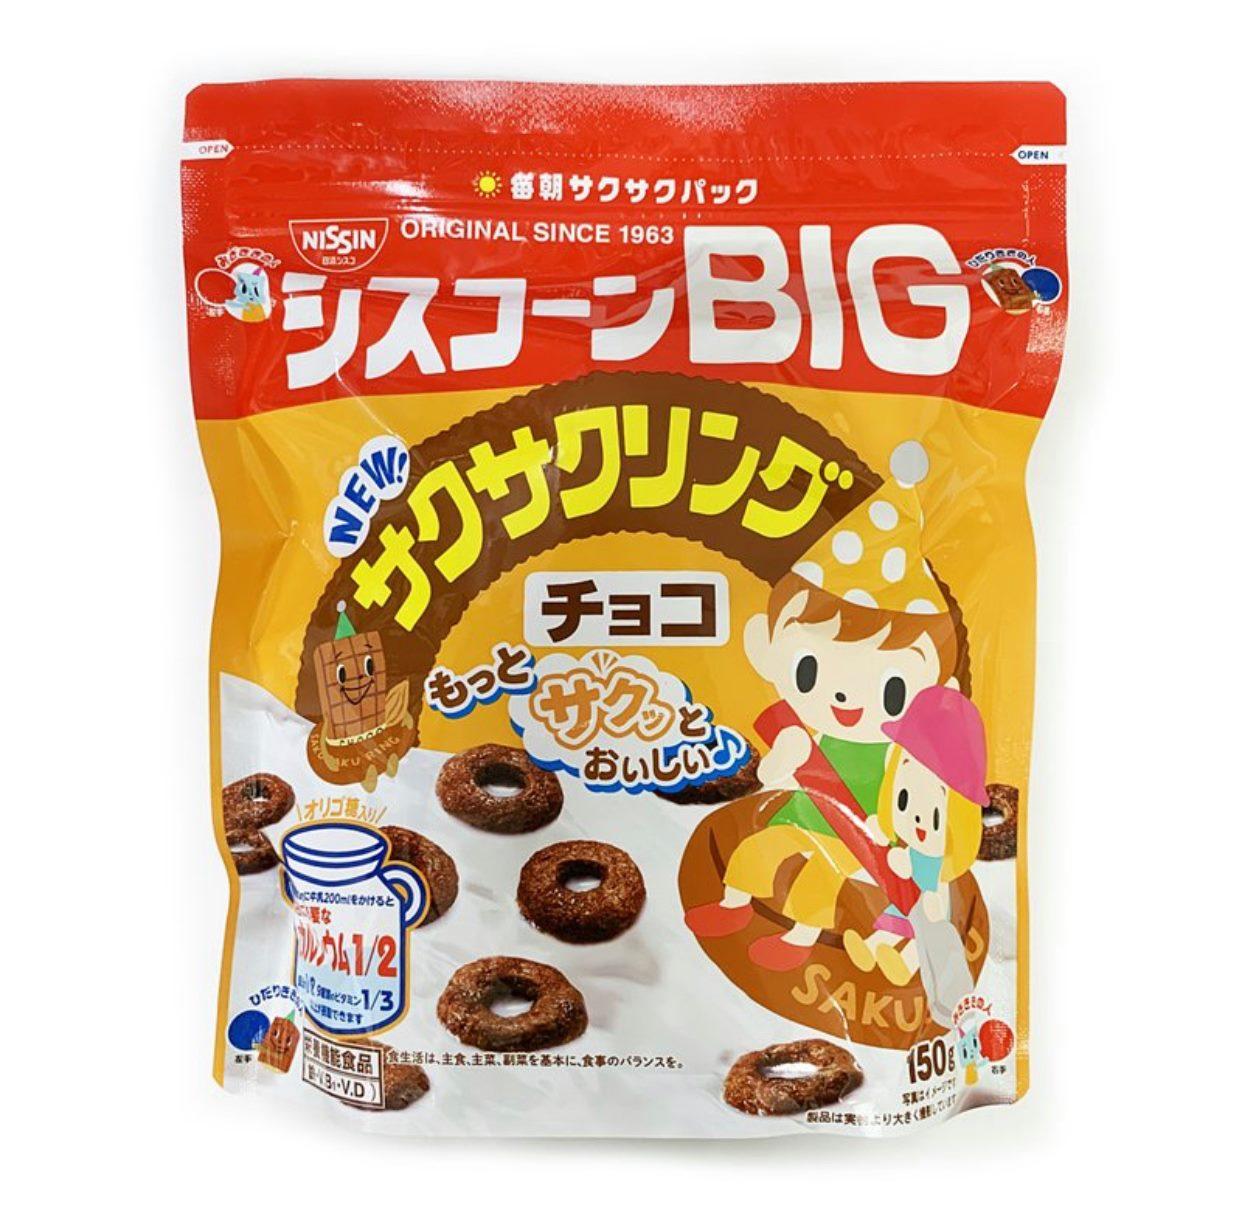 日清NISSIN BIG巧克力甜甜圈玉米片 150g